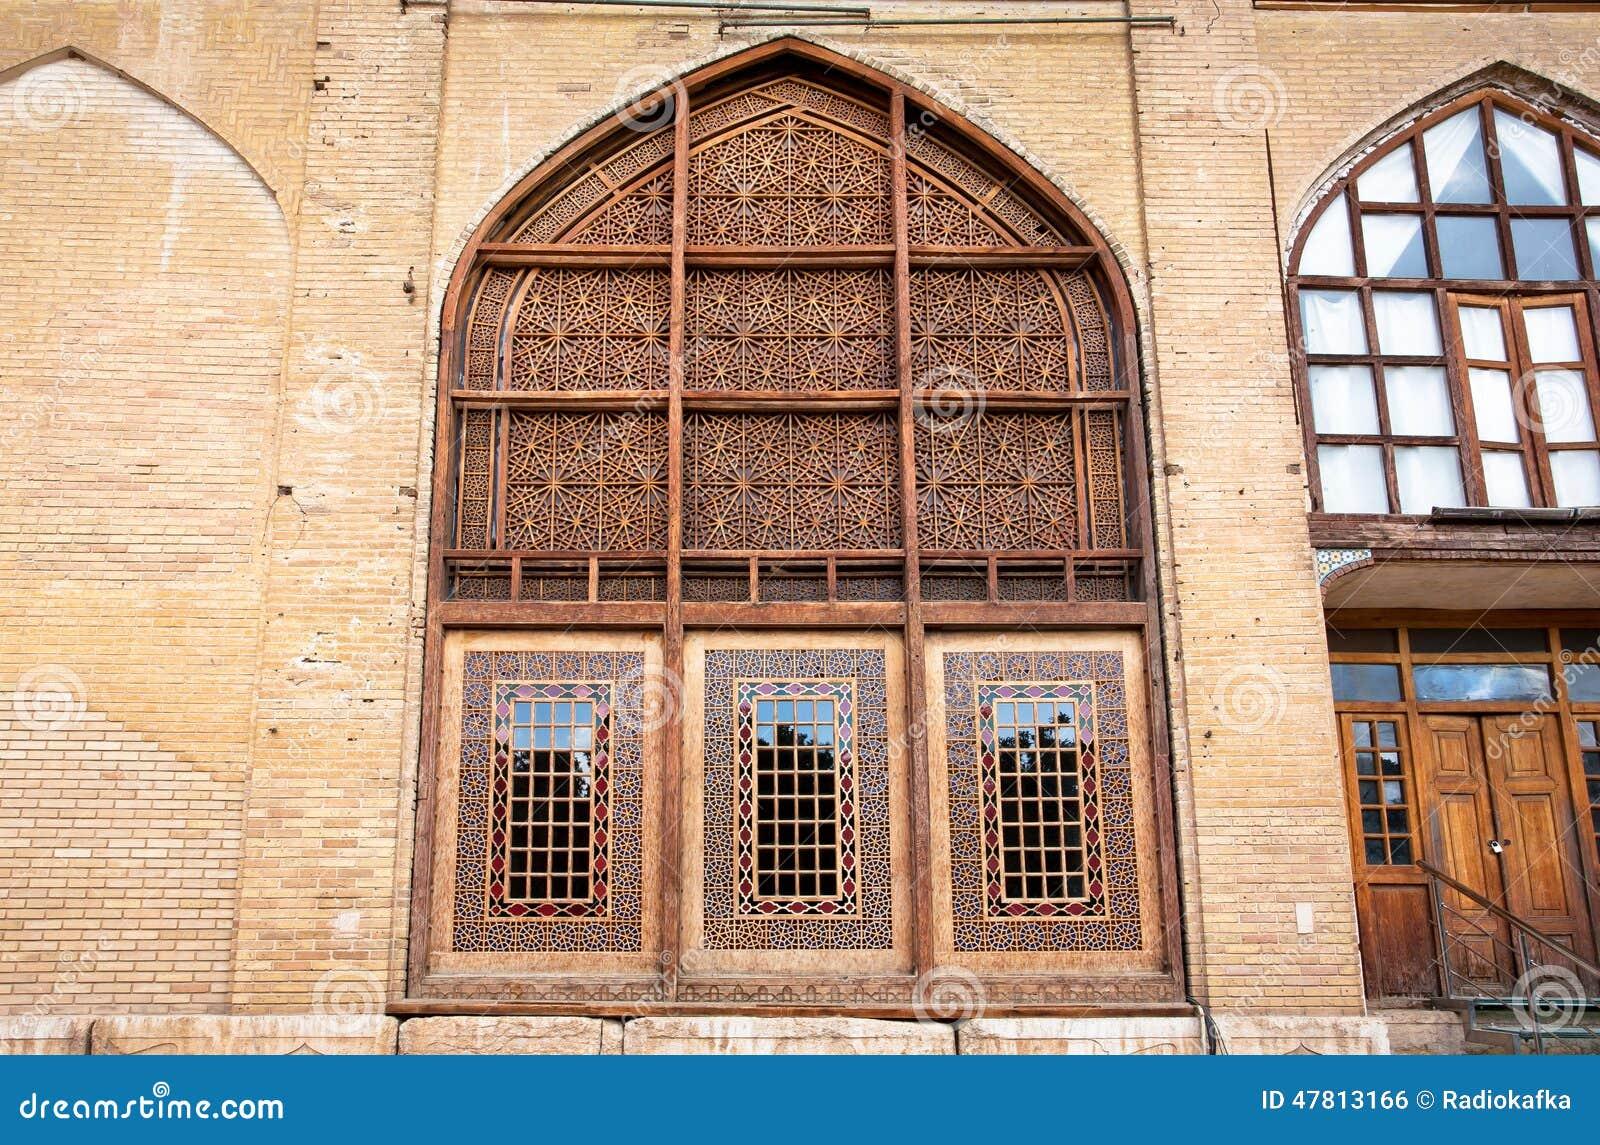 mod les d 39 arabesque des fen tres en bois de la vieille maison de brique dans le style persan. Black Bedroom Furniture Sets. Home Design Ideas